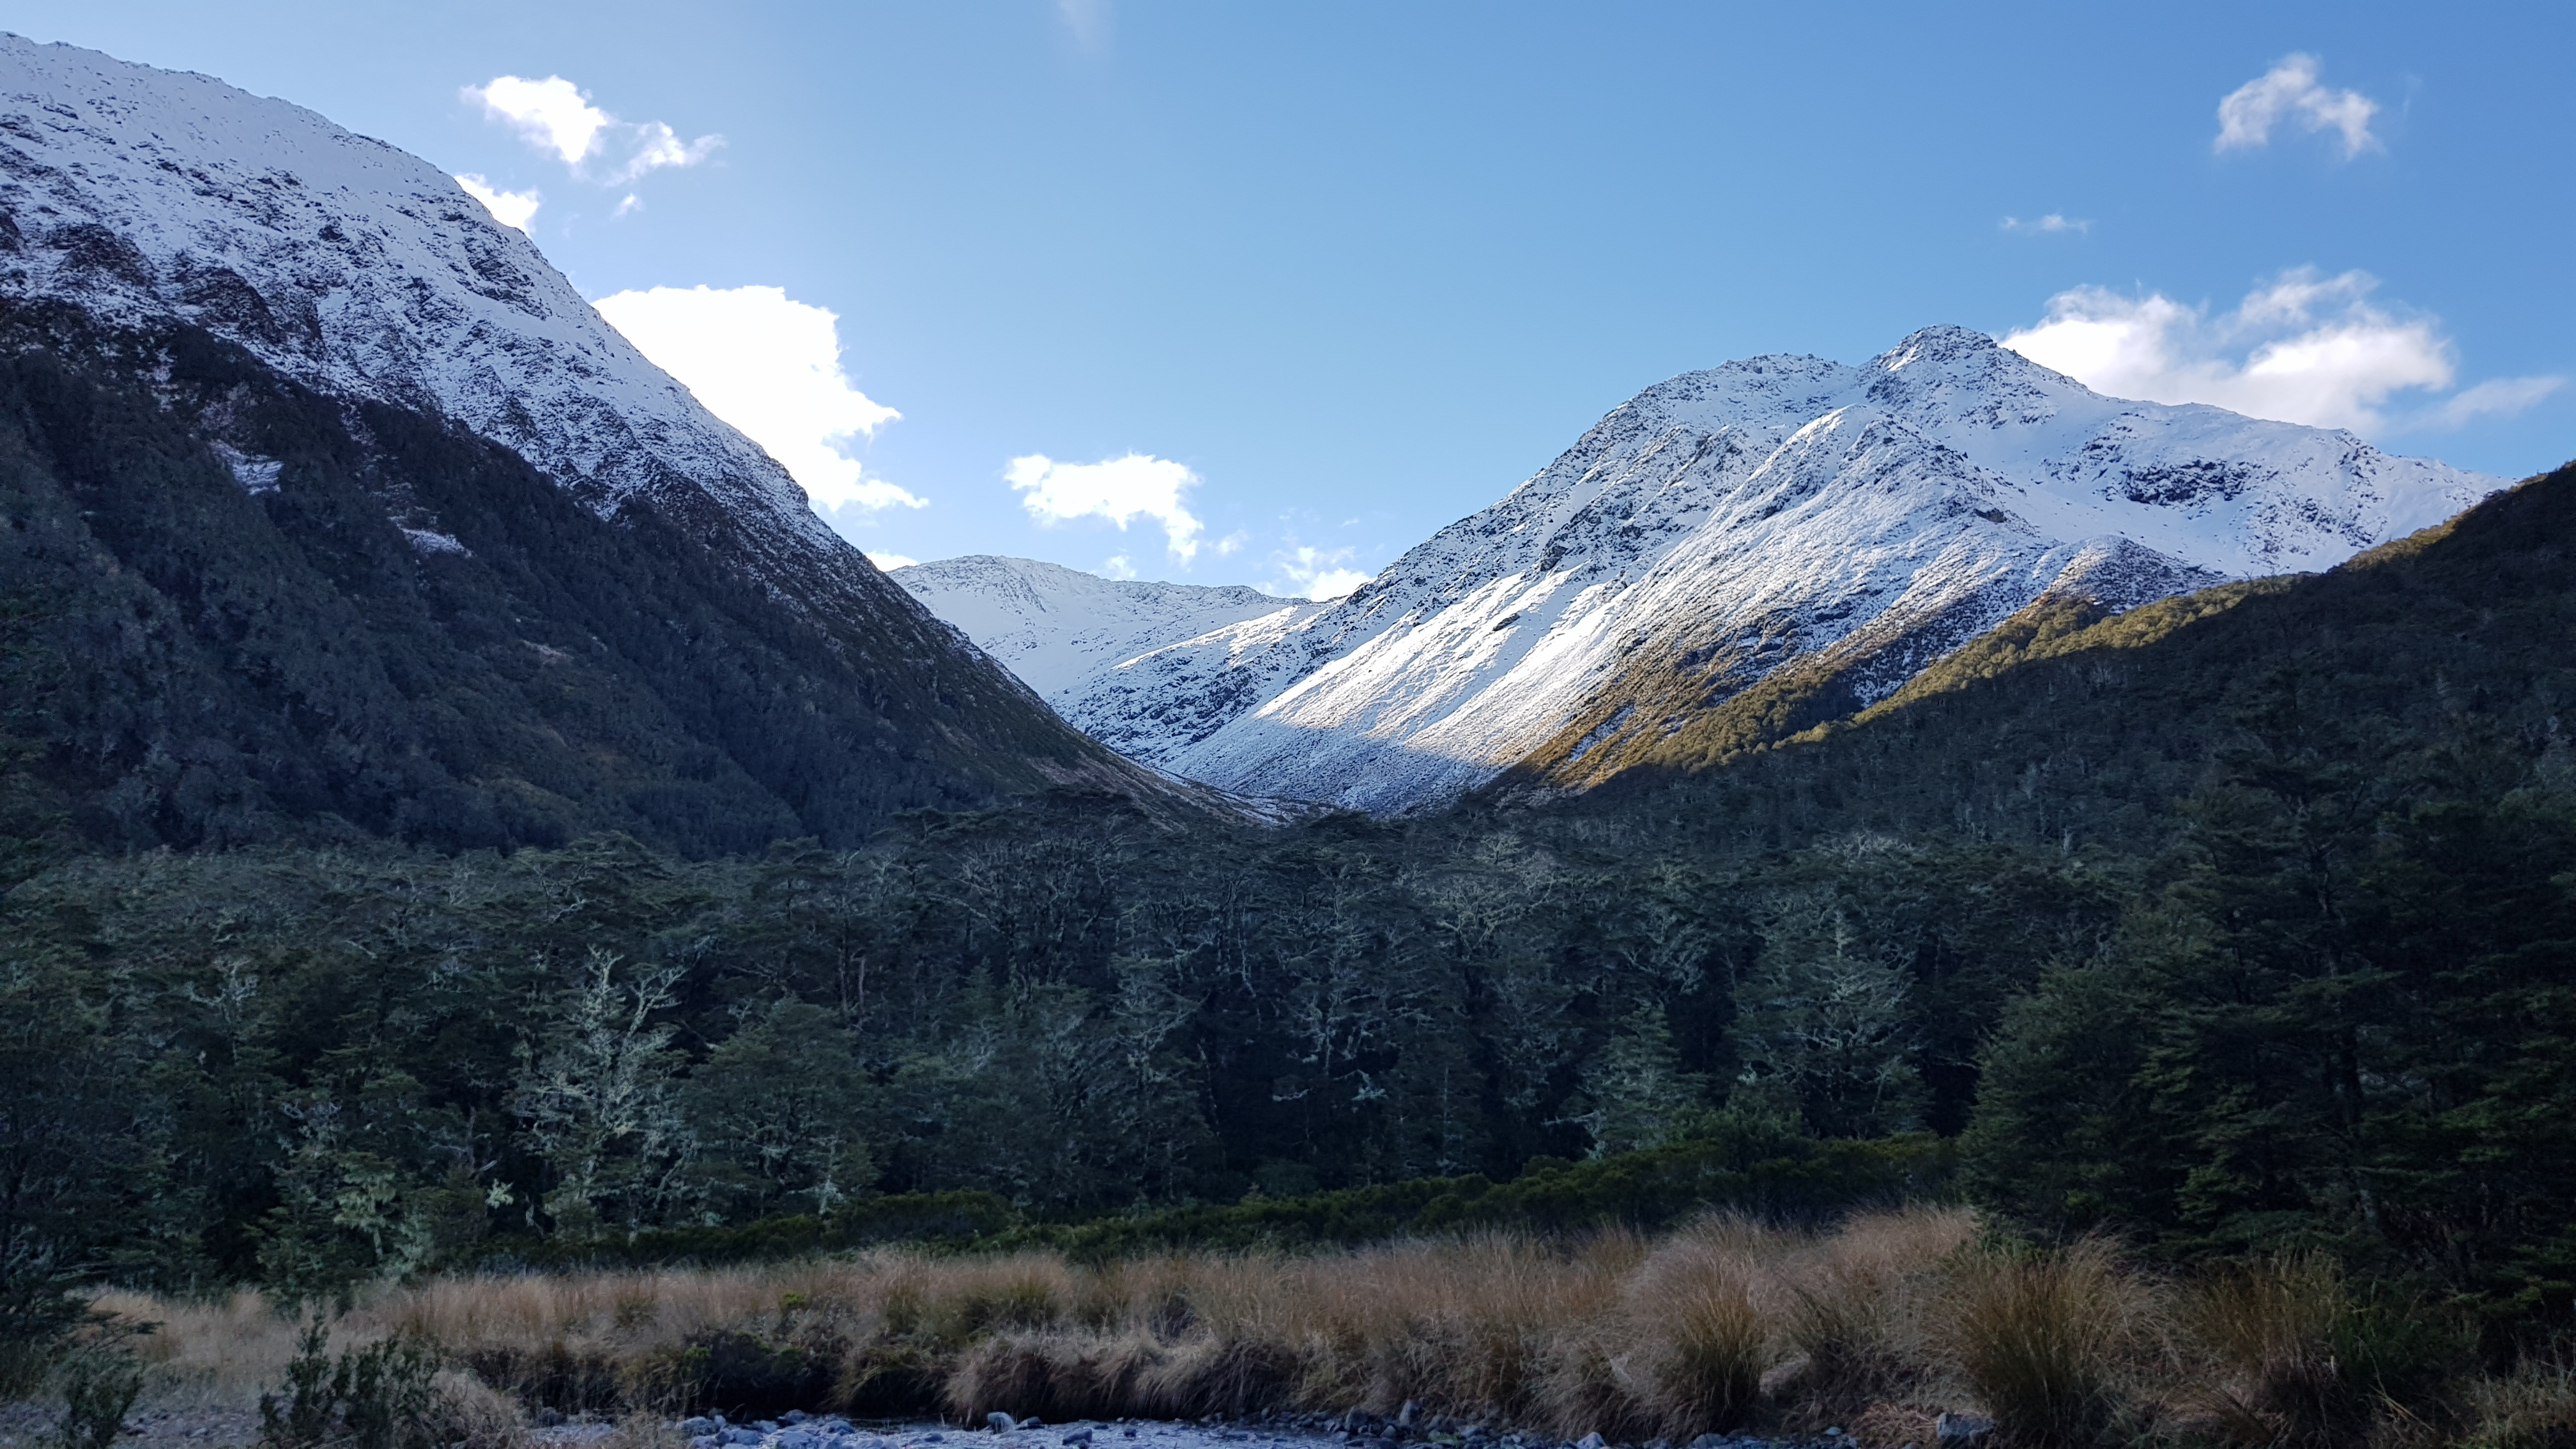 Views from Ada Pass hut